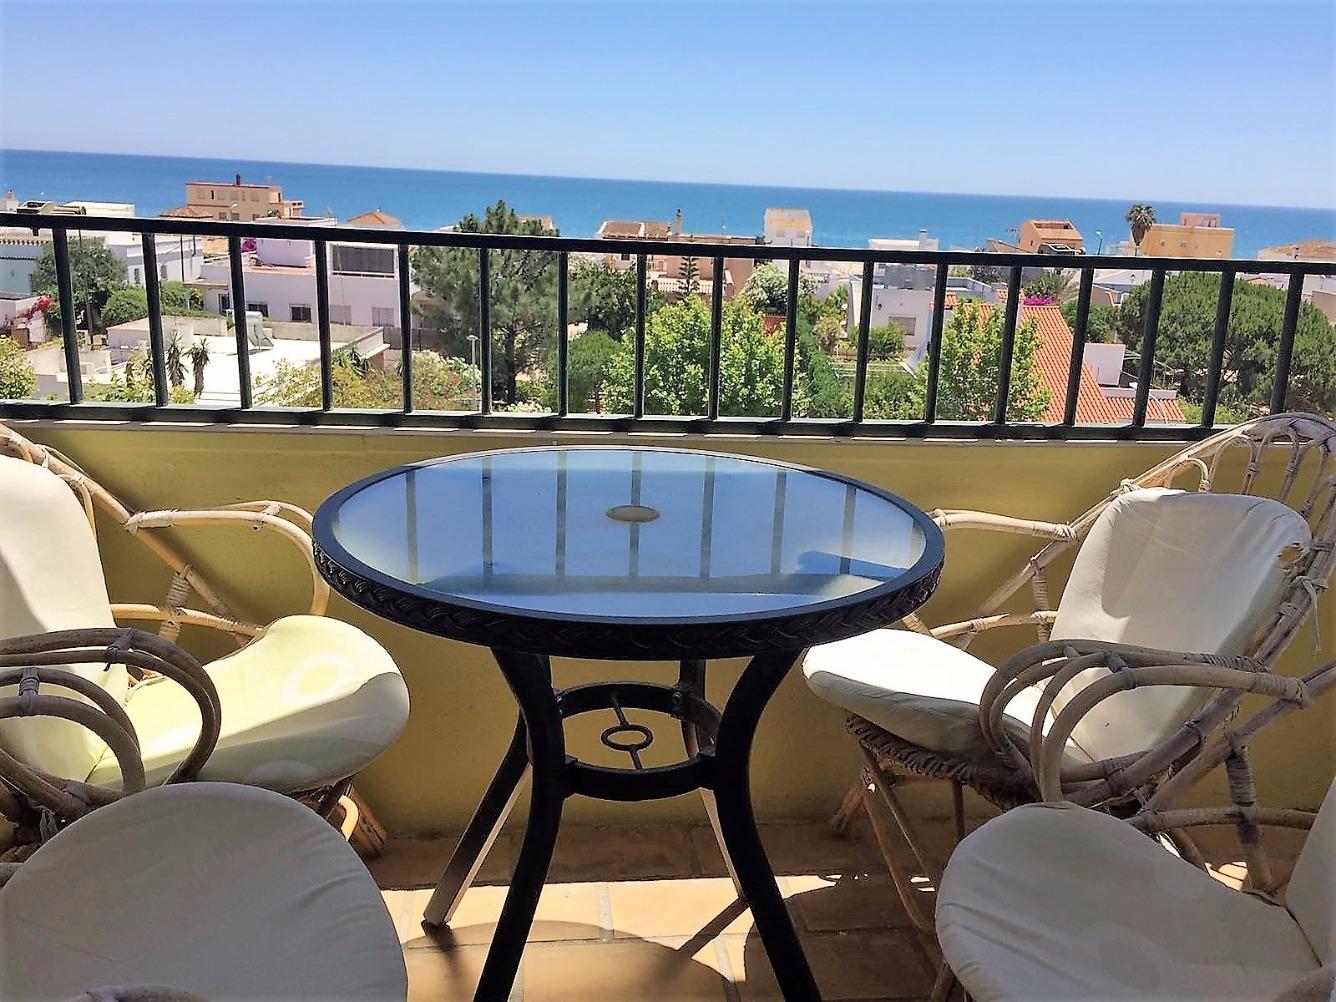 Piso en alquiler con 80 m2, 3 dormitorios  en La Antilla  (Lepe)  - Foto 1